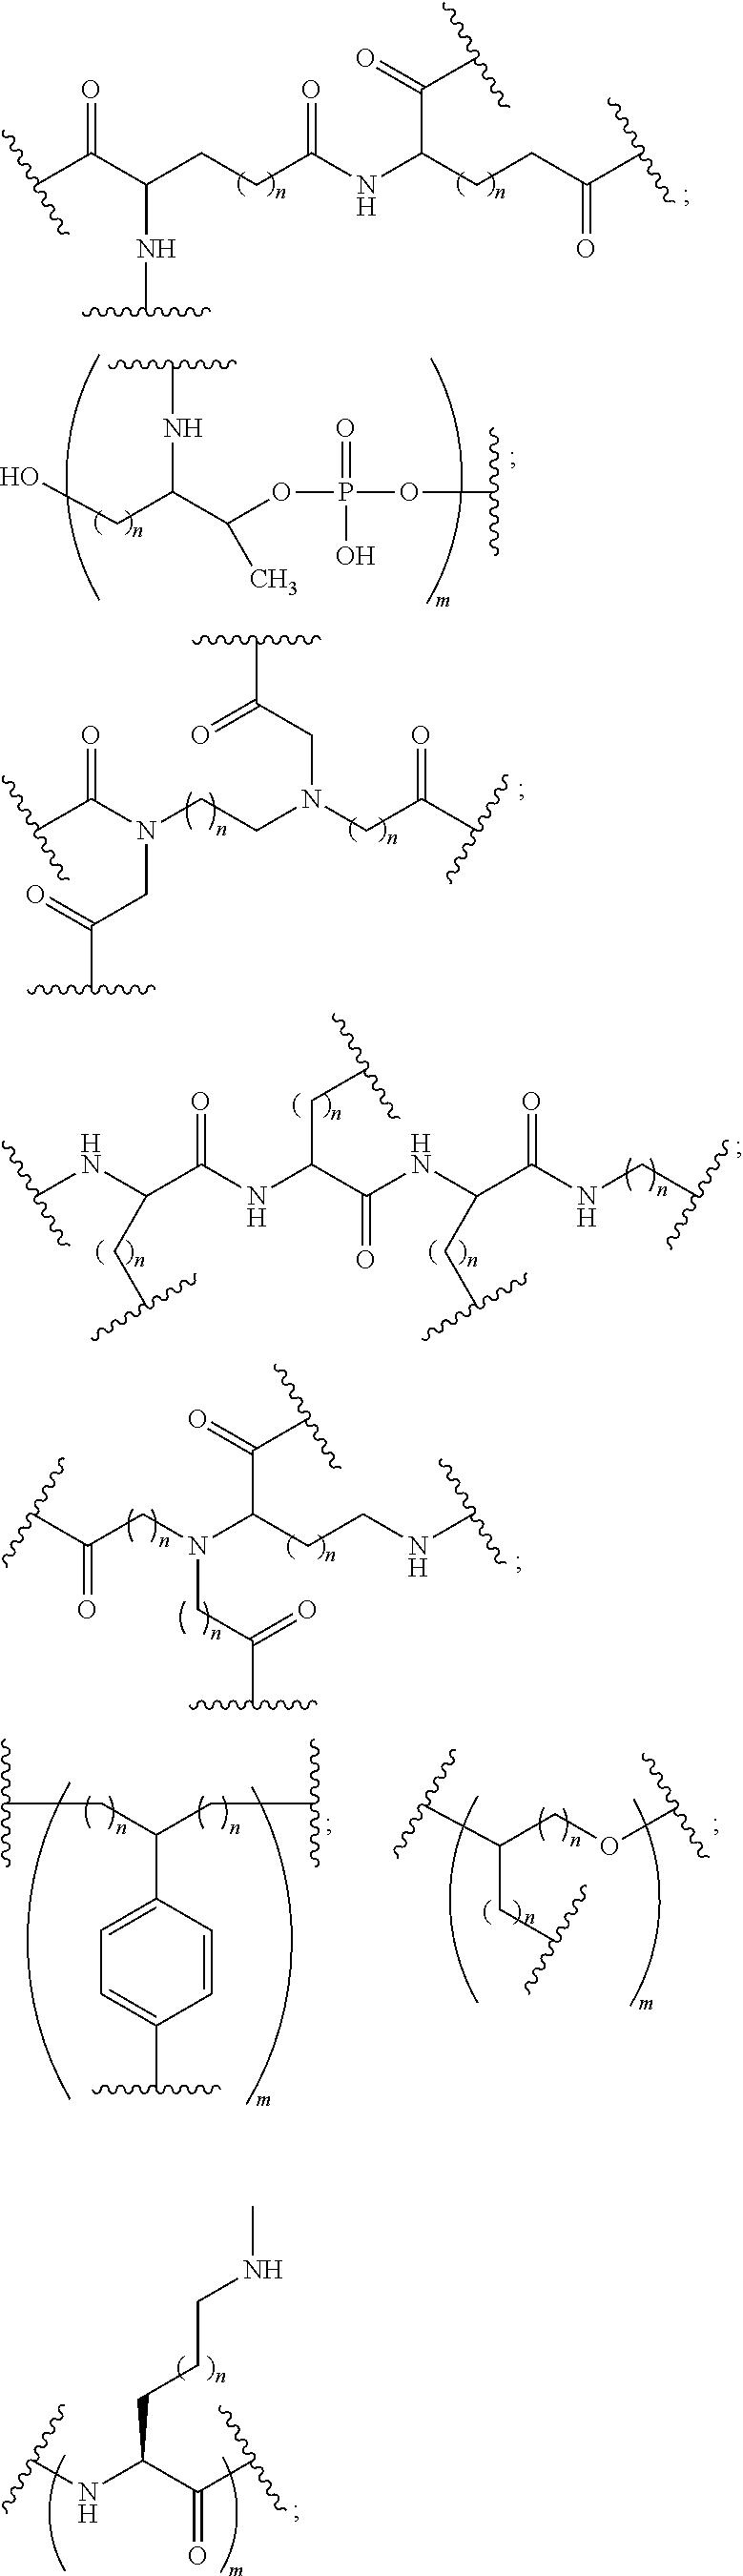 Figure US09957504-20180501-C00061